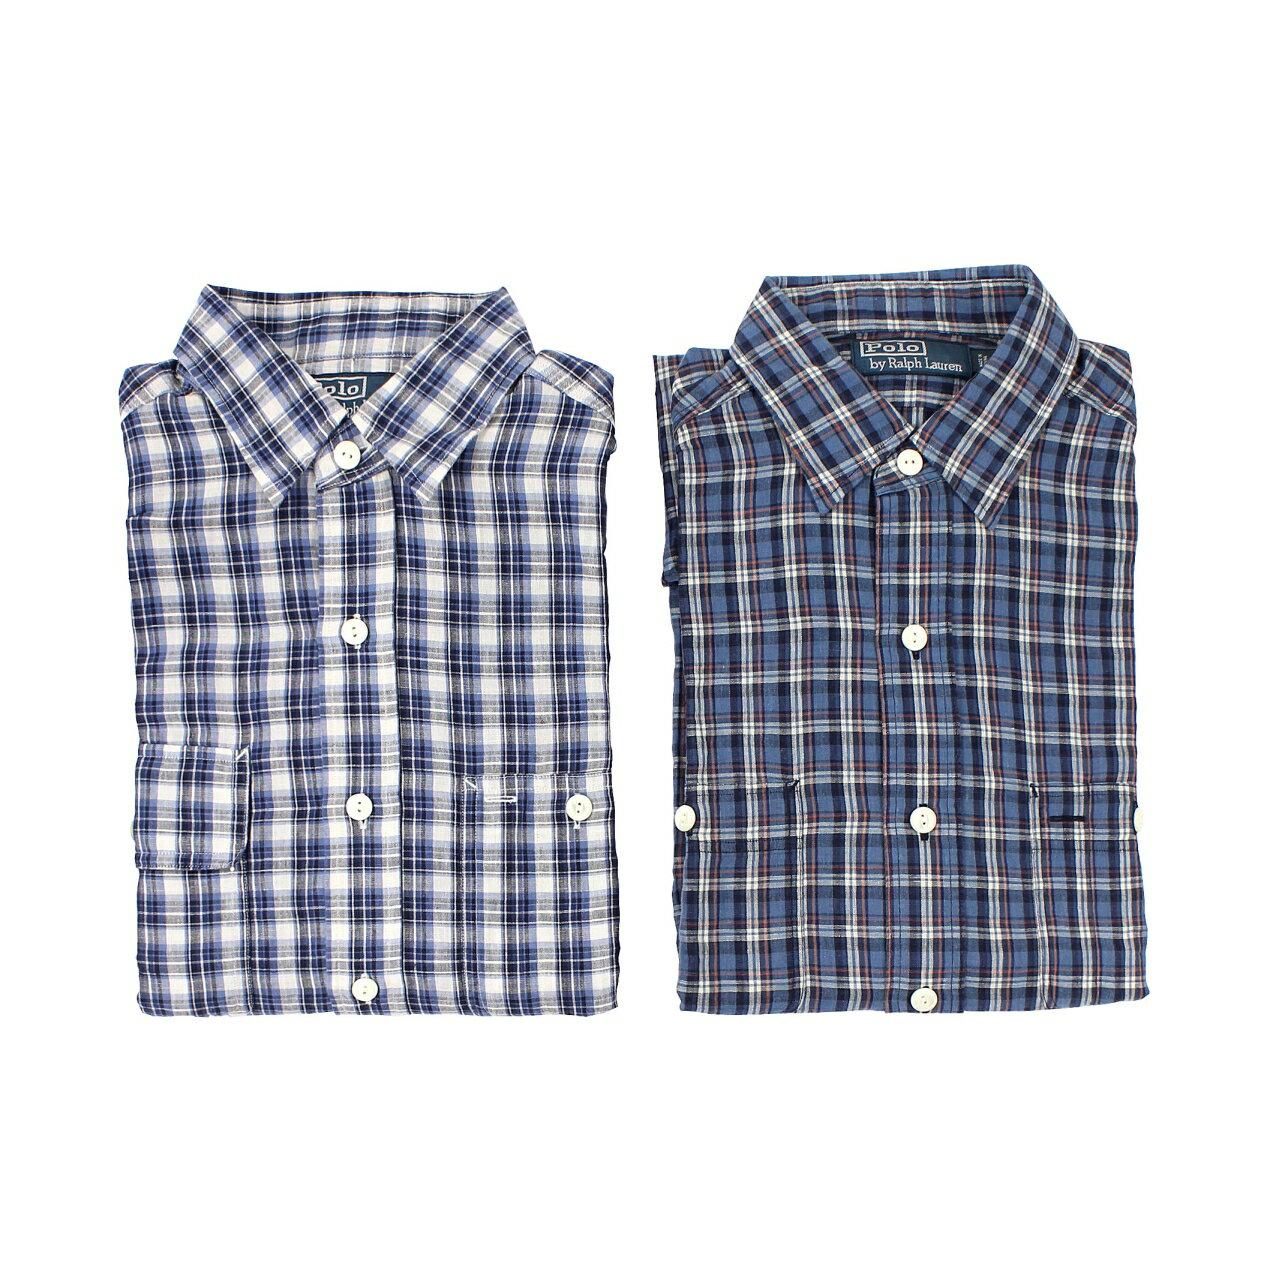 美國百分百【全新真品】Ralph Lauren 襯衫 RL 長袖 上衣 Polo 藍色 麻紗 雙口袋 格紋 男衣 S號 E040